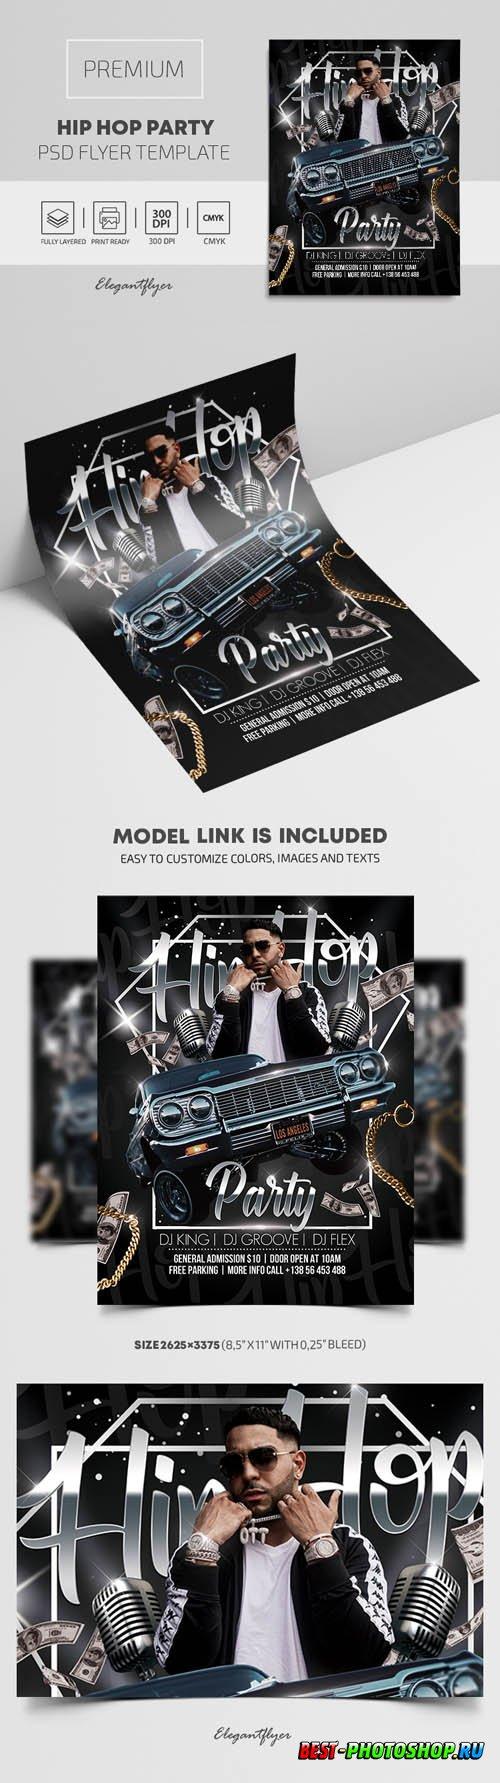 Hip Hop Party Premium PSD Flyer Template